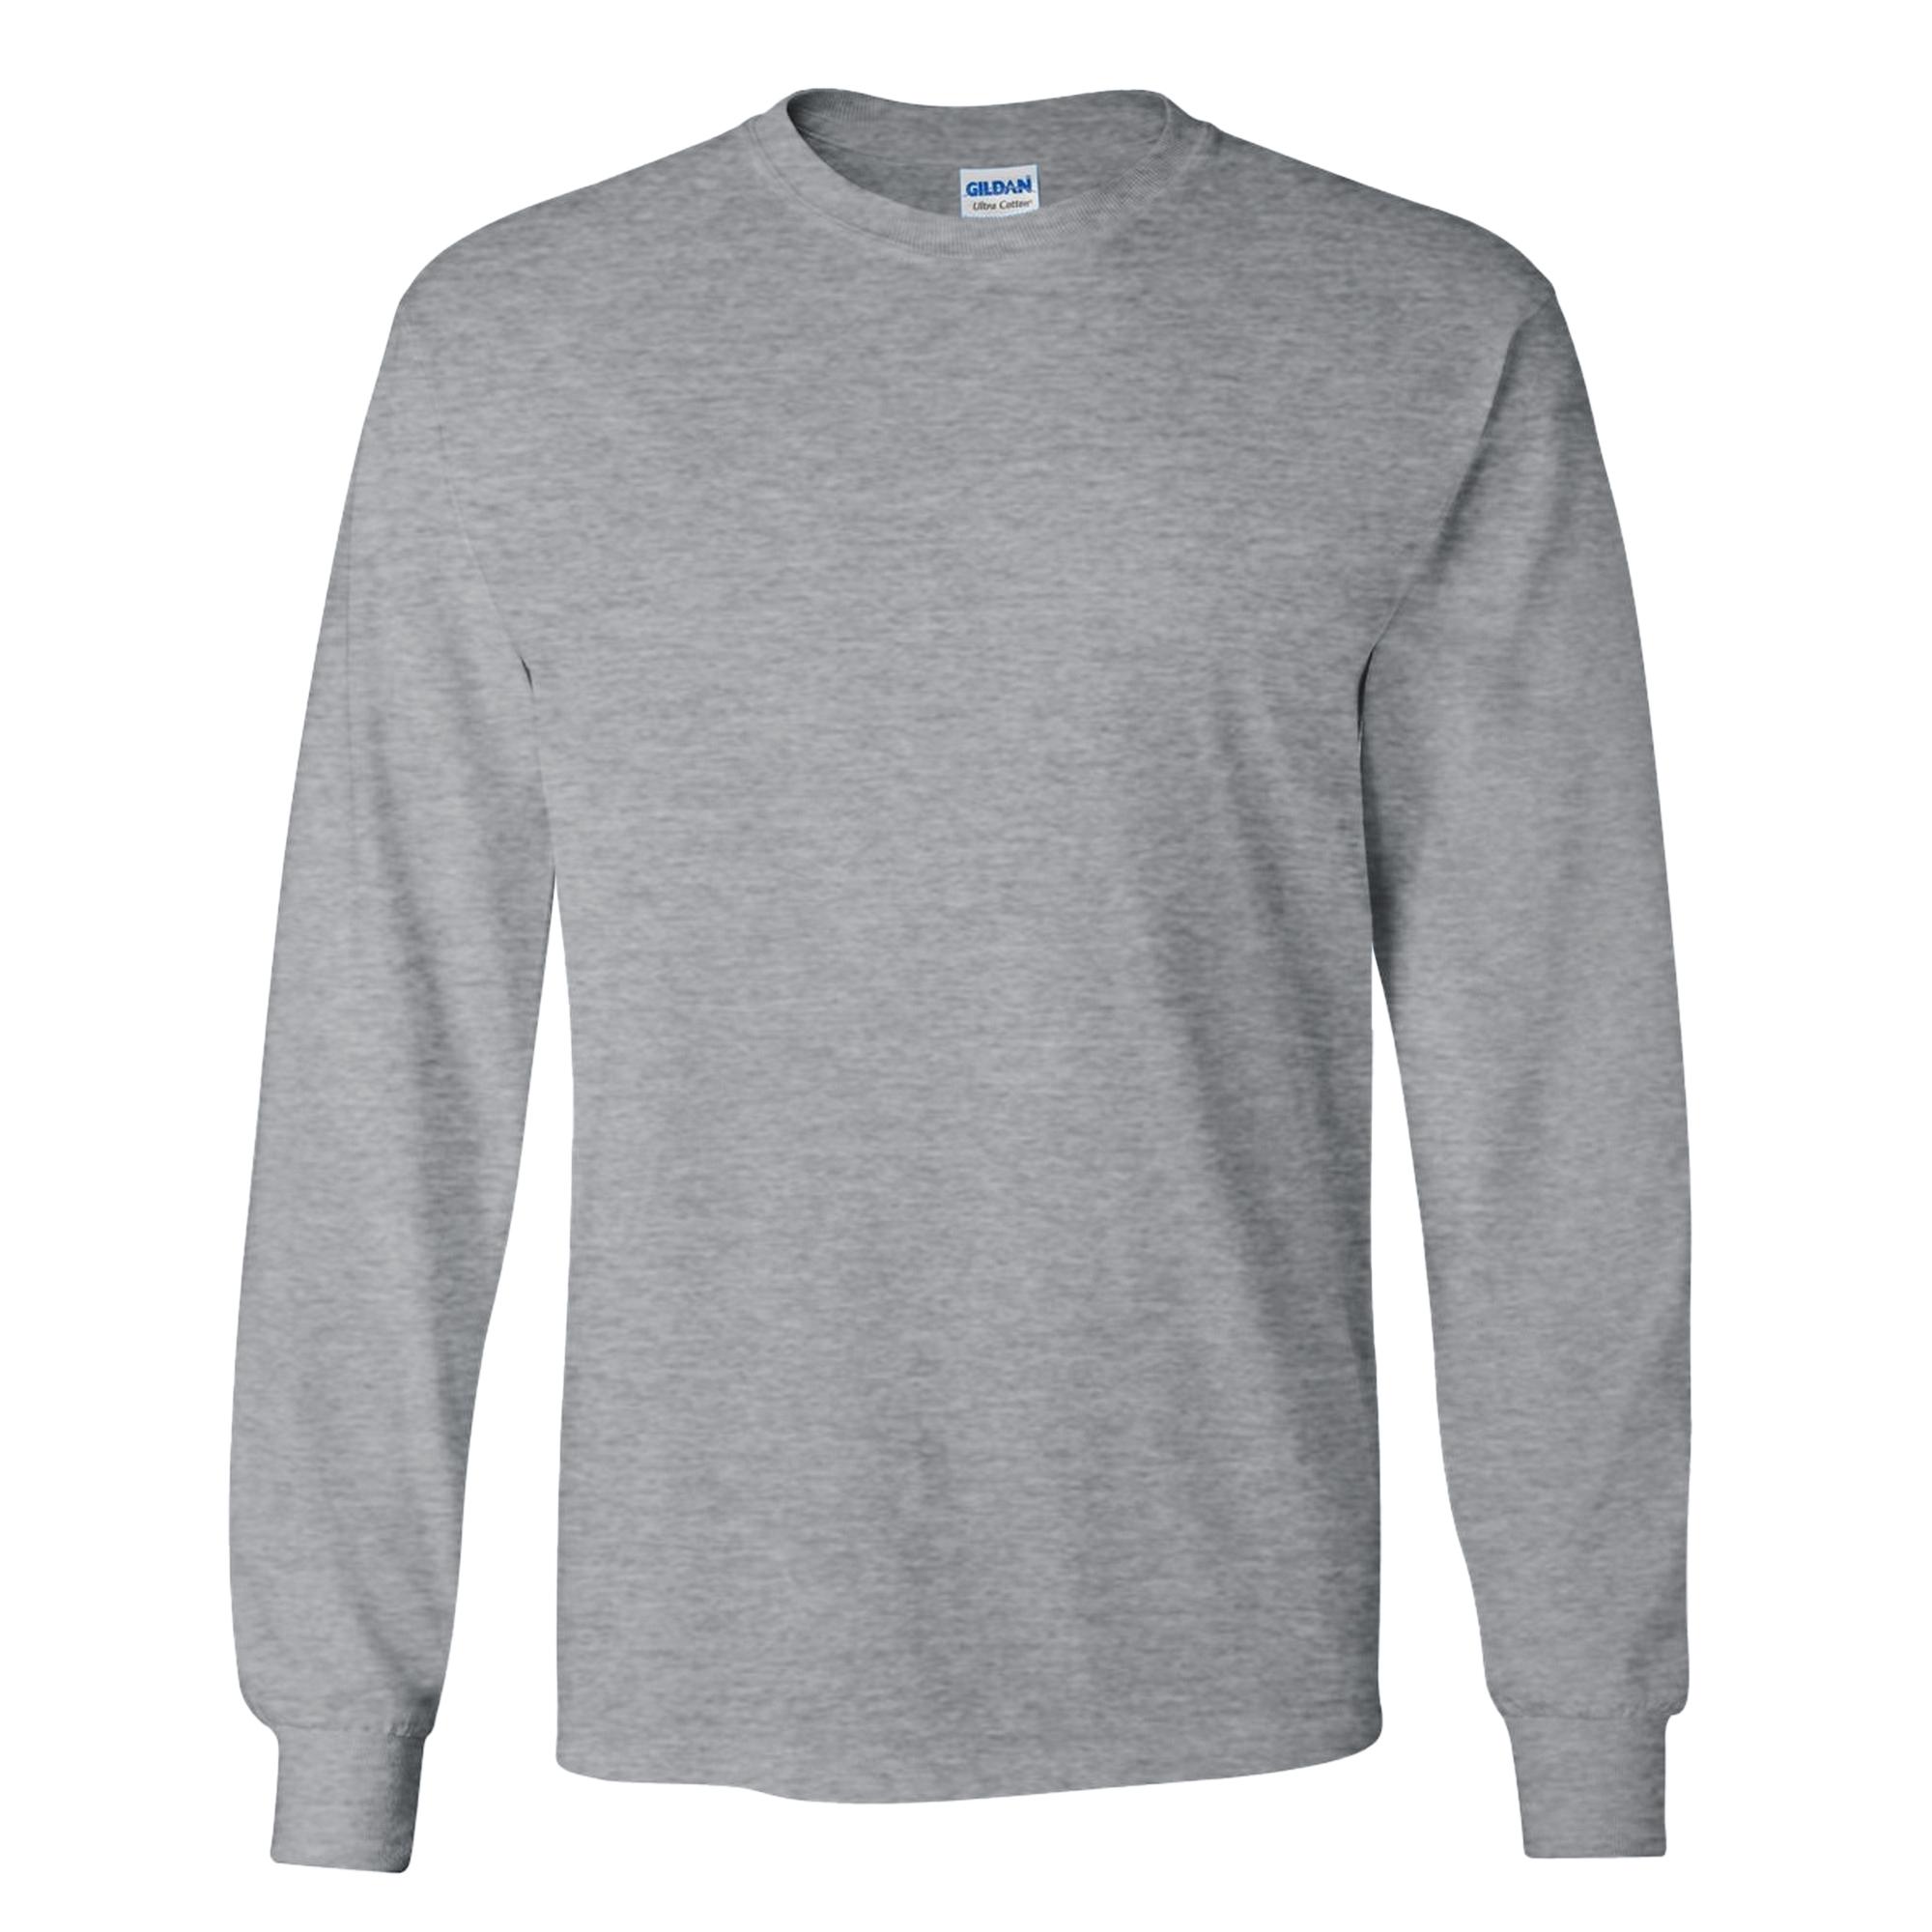 miniature 102 - T-shirt-uni-a-manches-longues-Gildan-100-coton-pour-homme-S-2XL-BC477